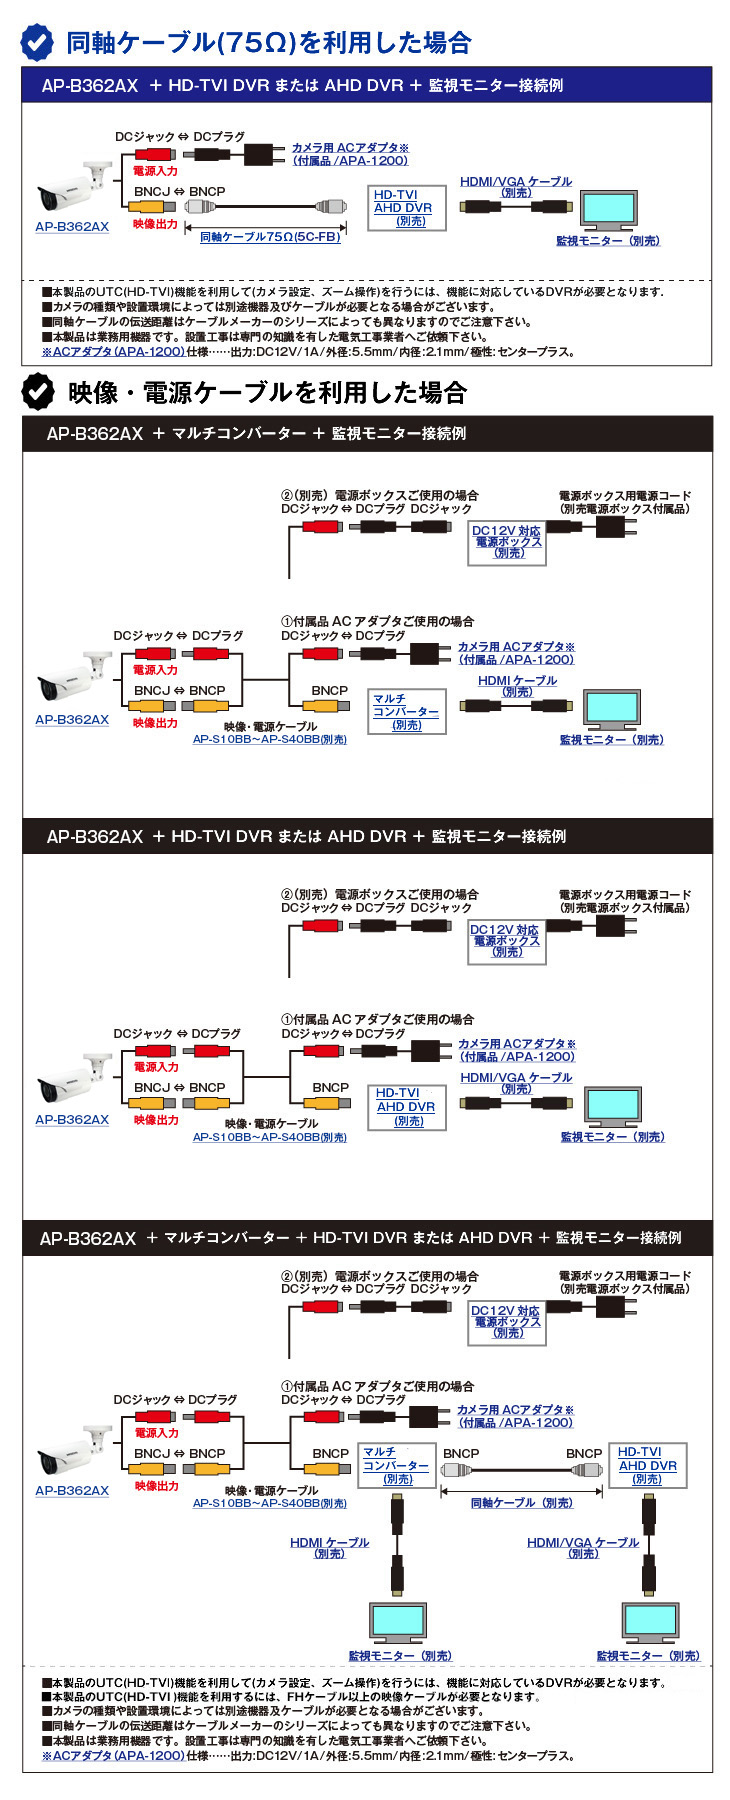 HD-TVI 213万画素防犯カメラ(AP-B362AX)